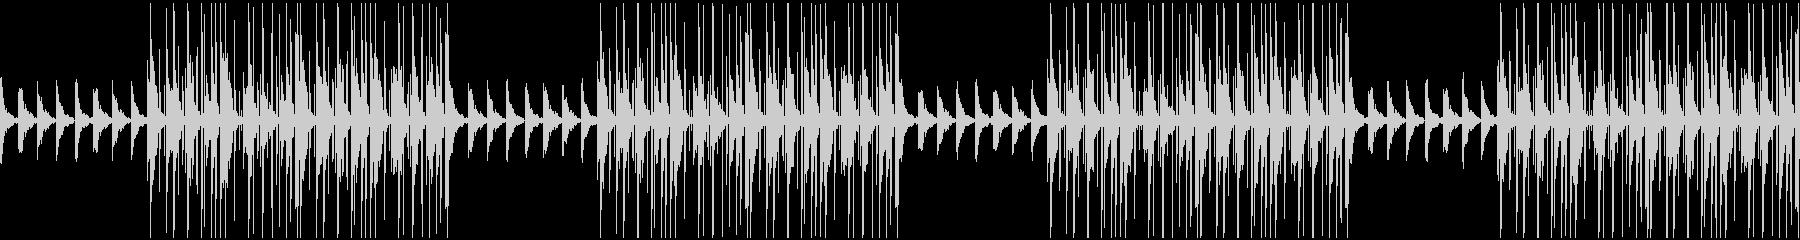 最先端なシンプルトラップの未再生の波形